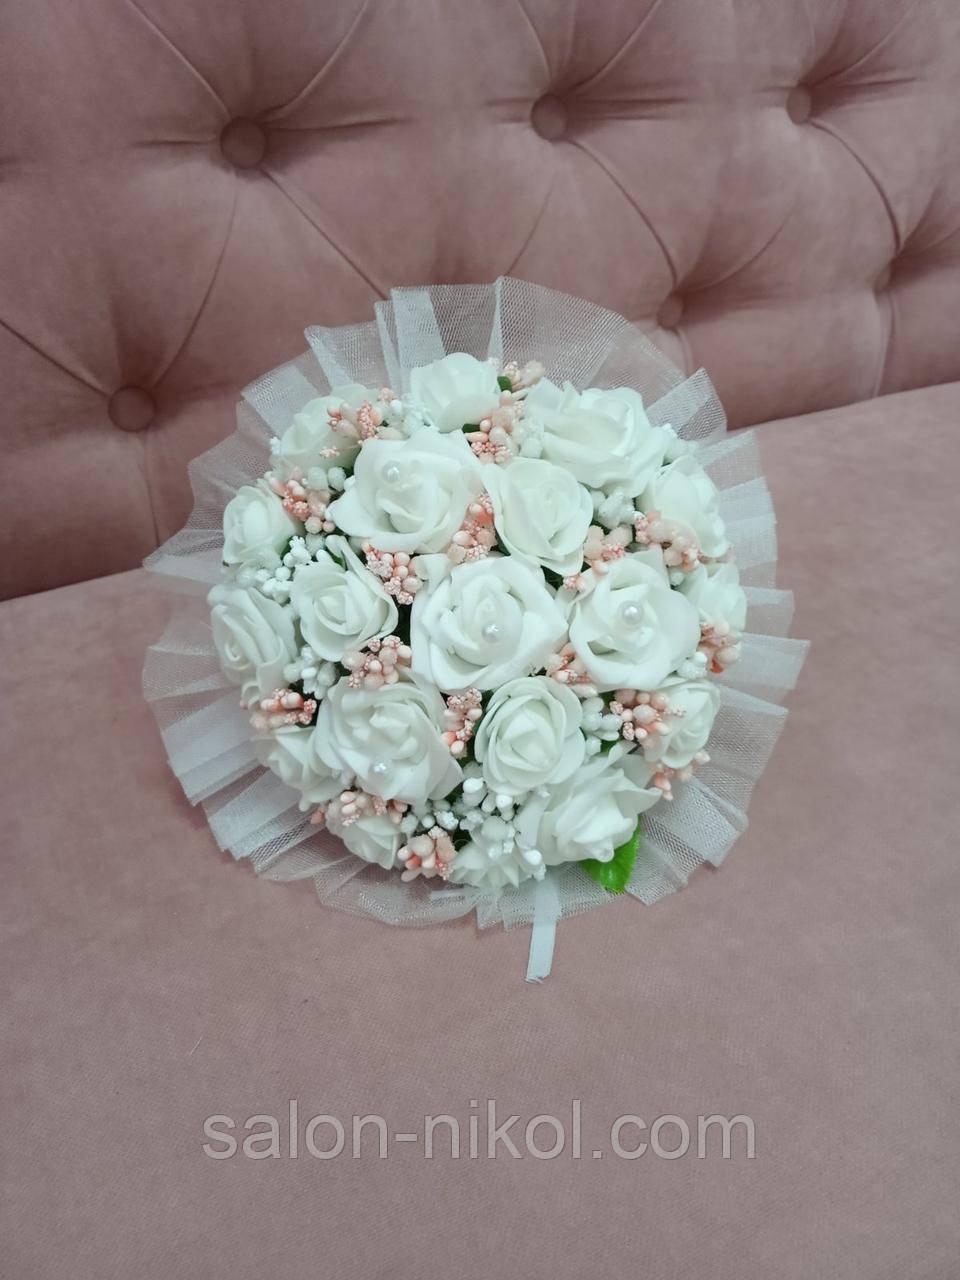 Свадебный букет-дублер для невесты (белого цвета с персиковыми тычинками)